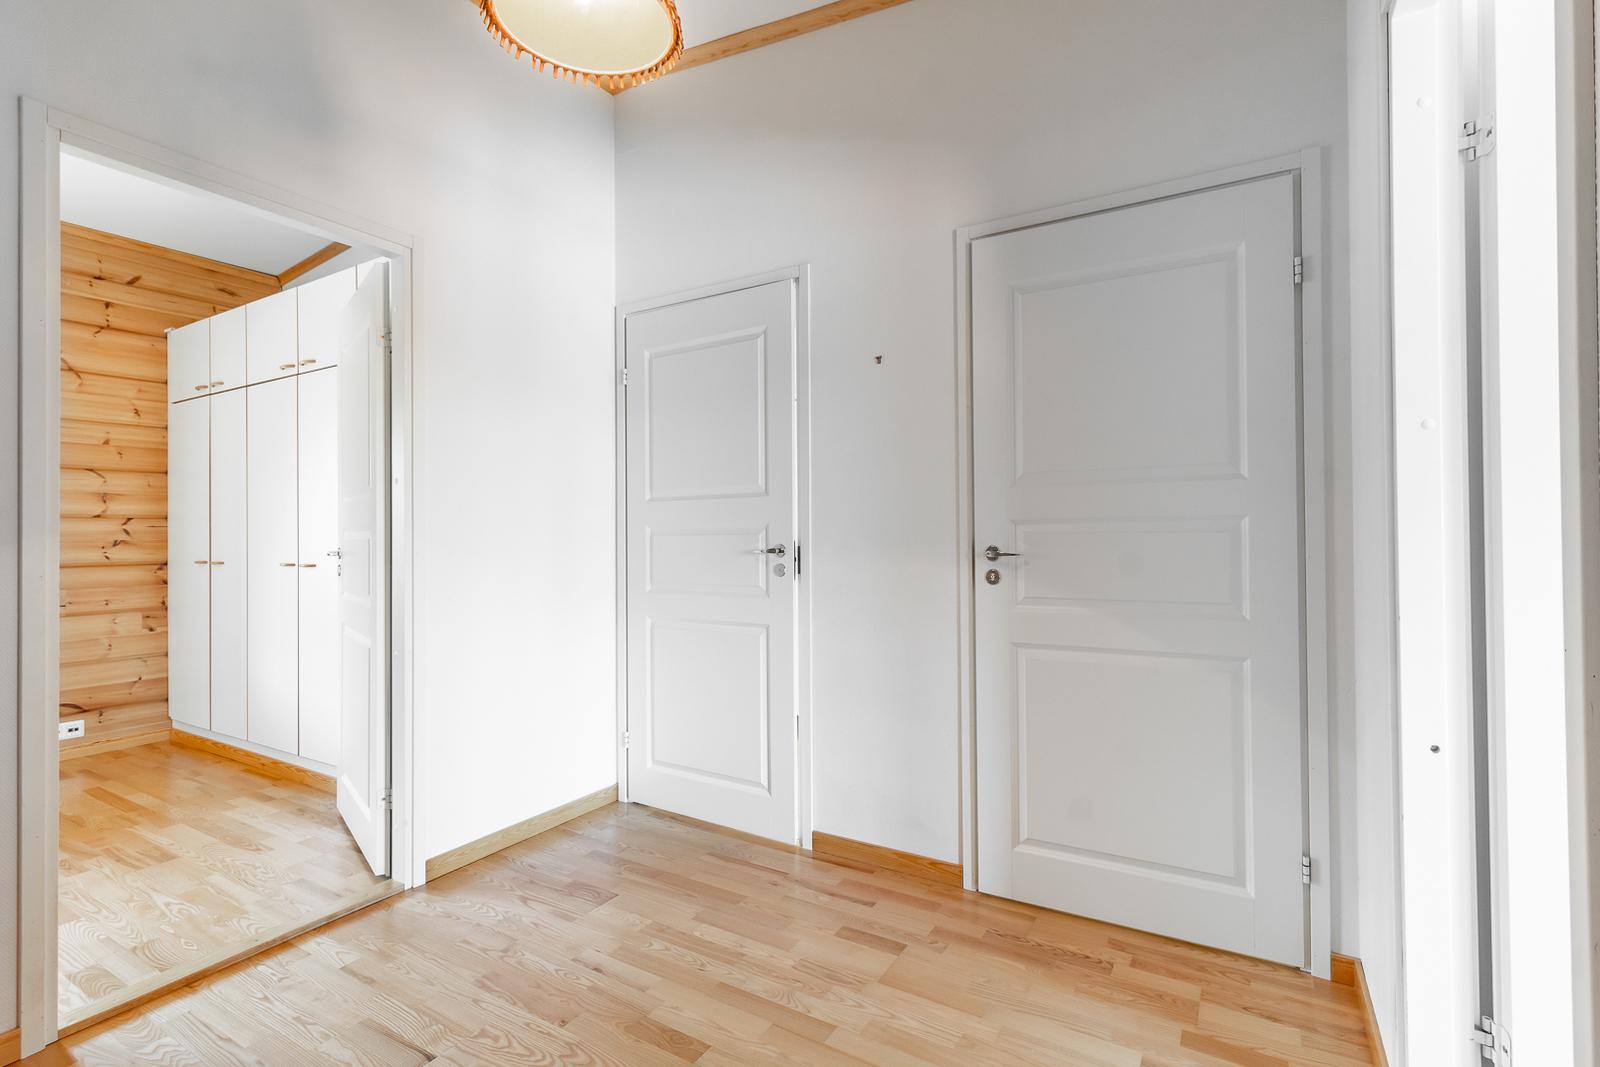 yläkerran aula / Aula på övre våning